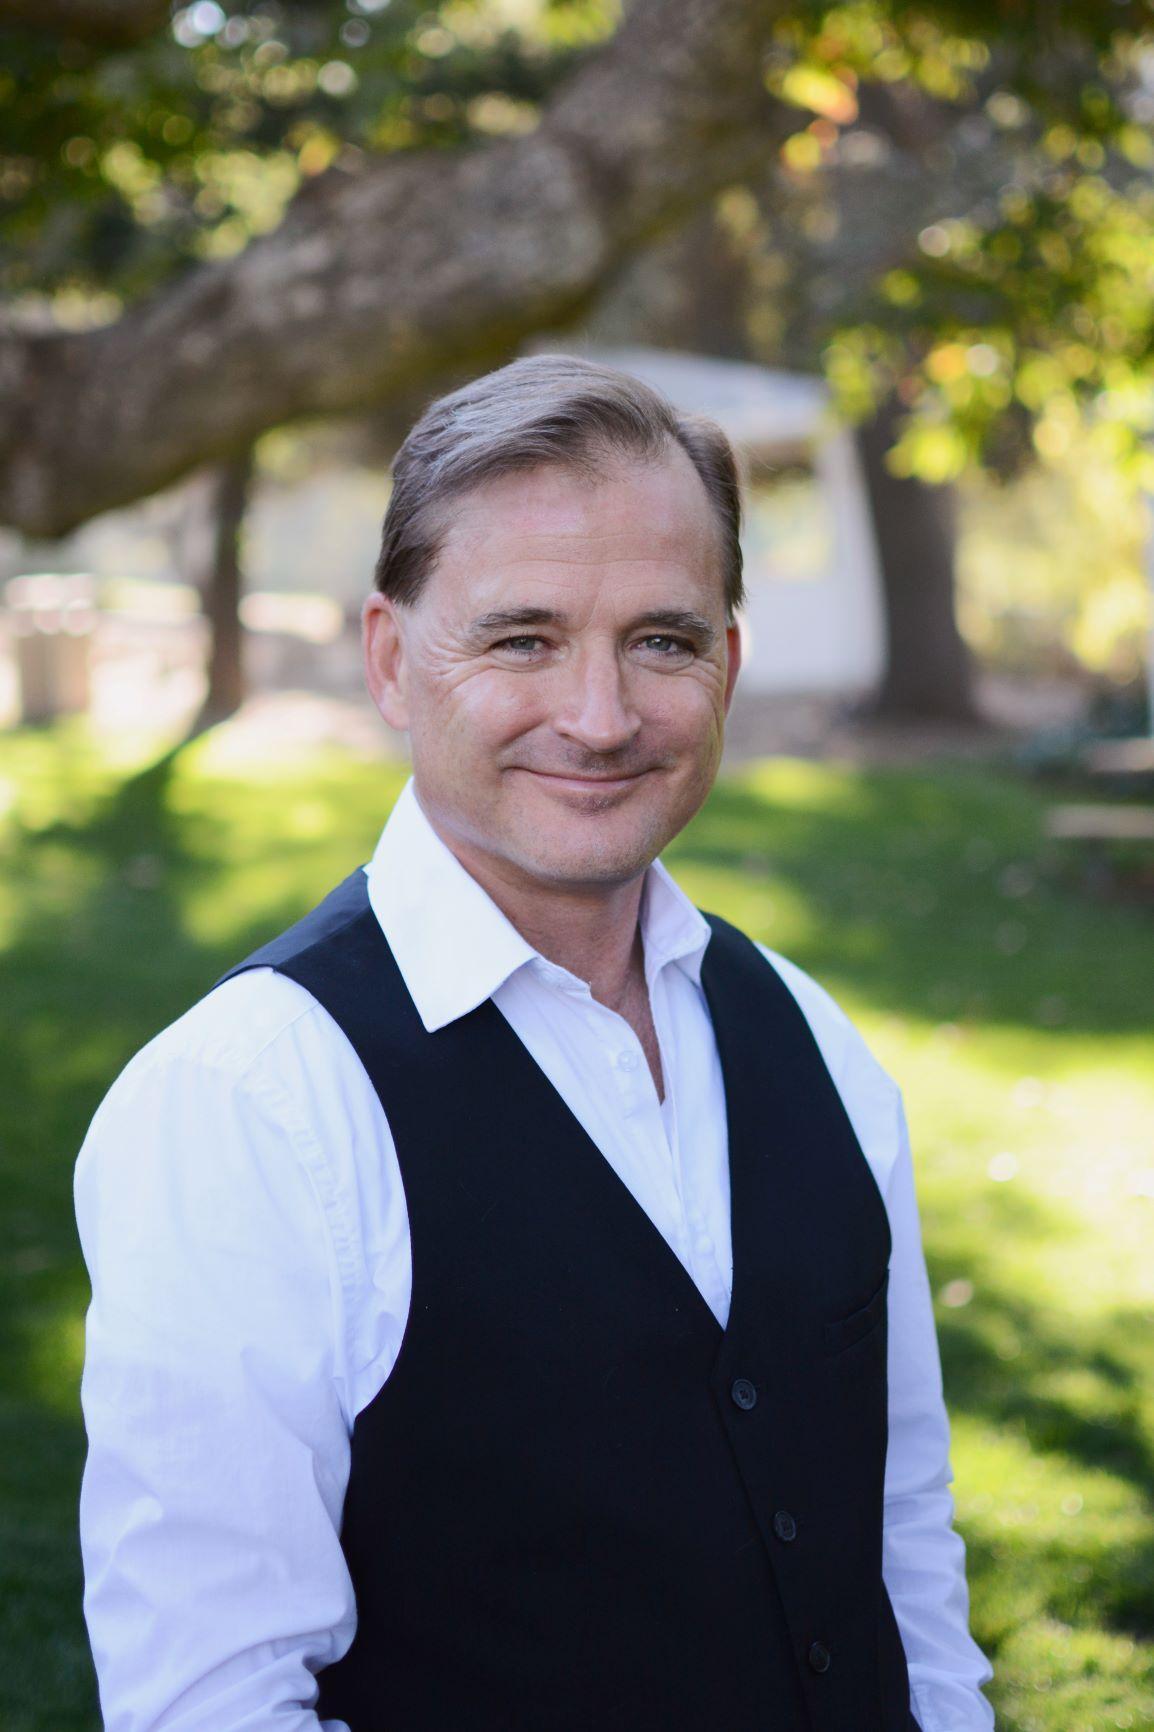 Principal Matthew Beilstein